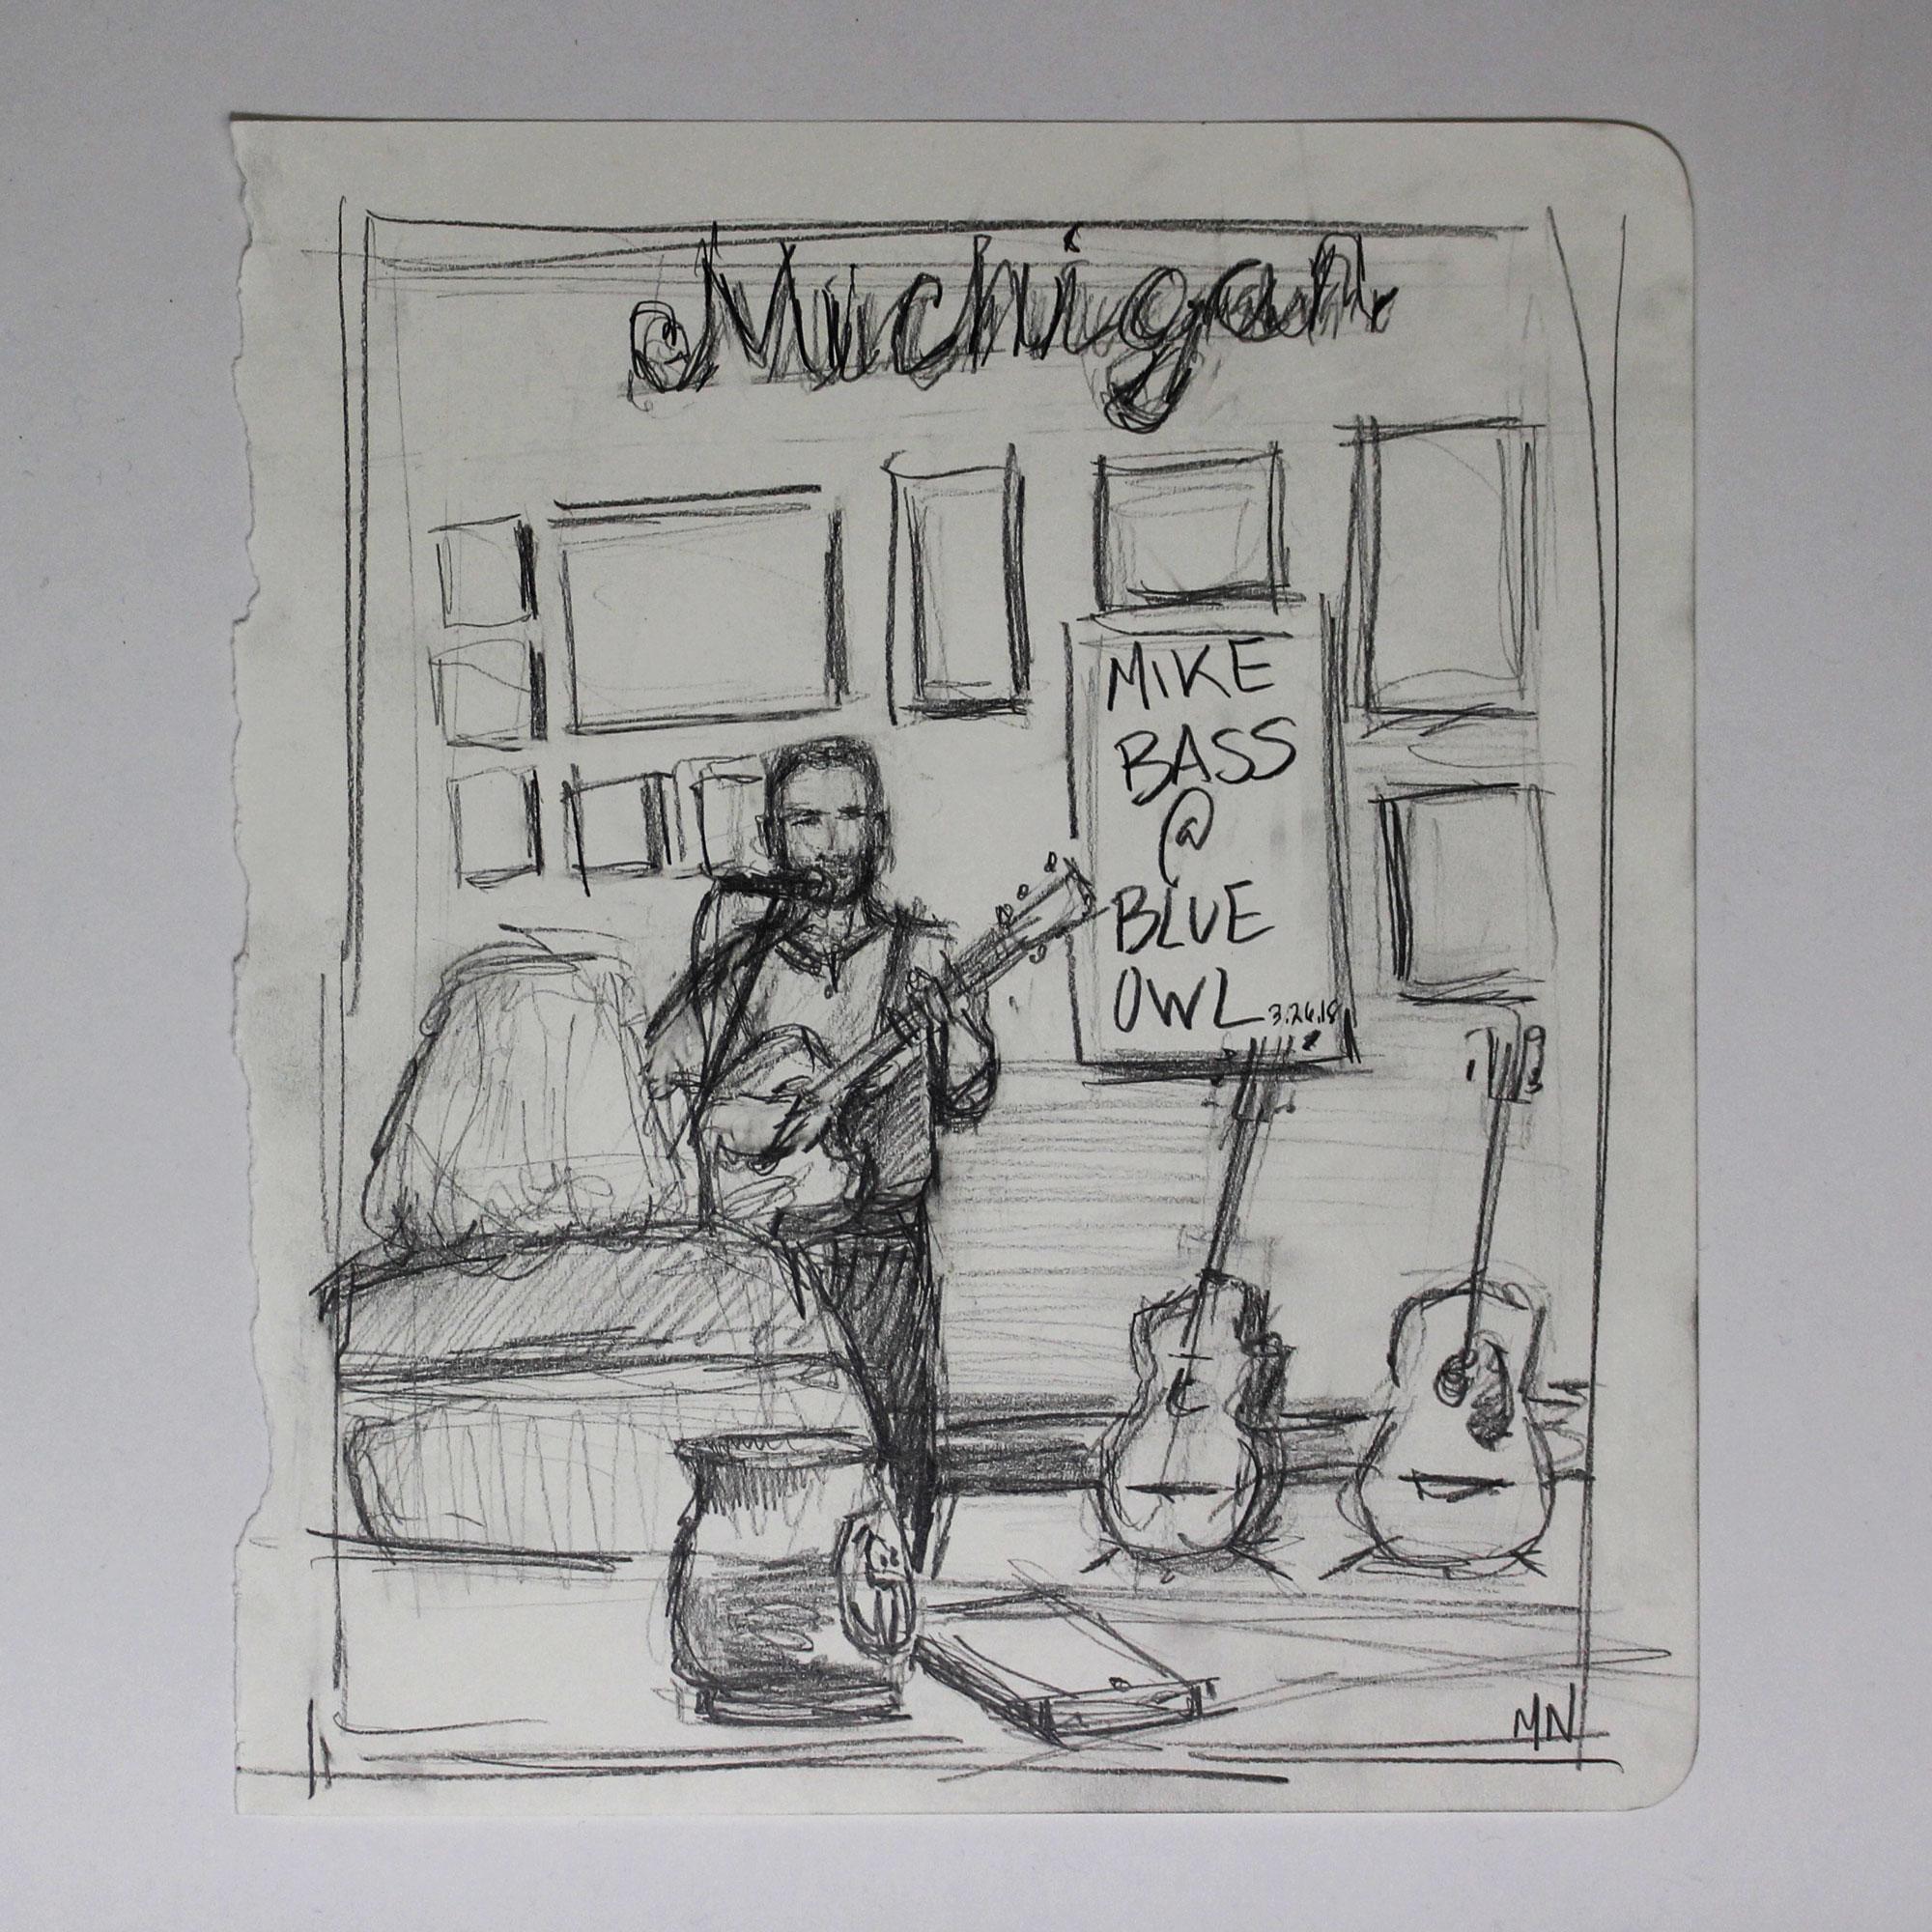 Melanie's sketch of me performing at Blue Owl Coffee!